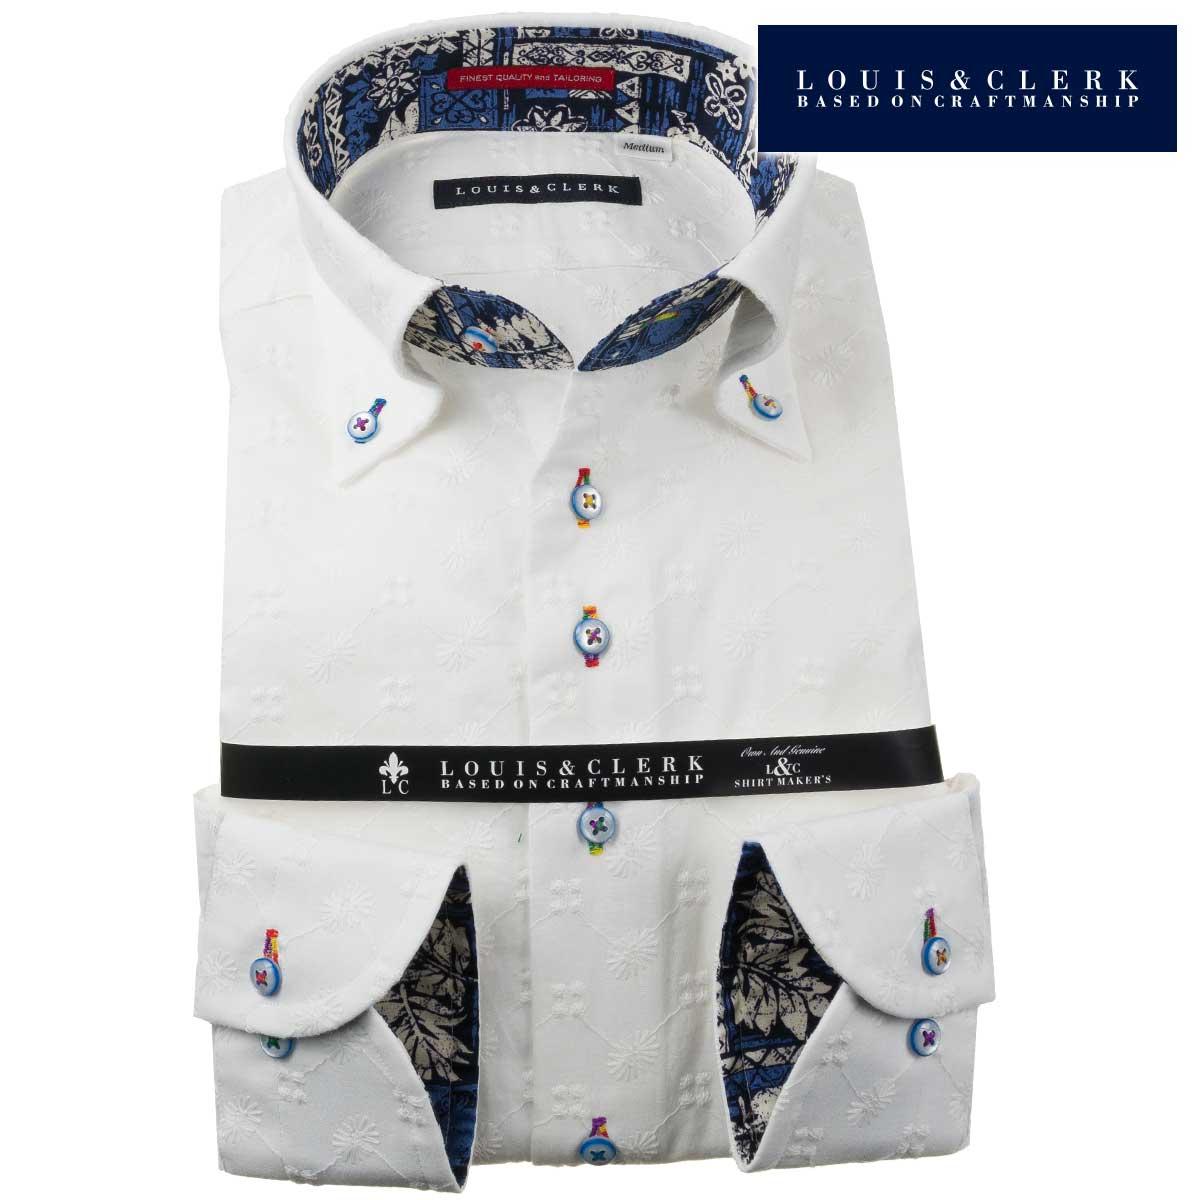 ドレスシャツ ワイシャツ シャツ メンズ 国産 長袖 綿100% コンフォート ボタンダウン 白 ホワイト レース ジグザク フラワードット 1910 fs3gm